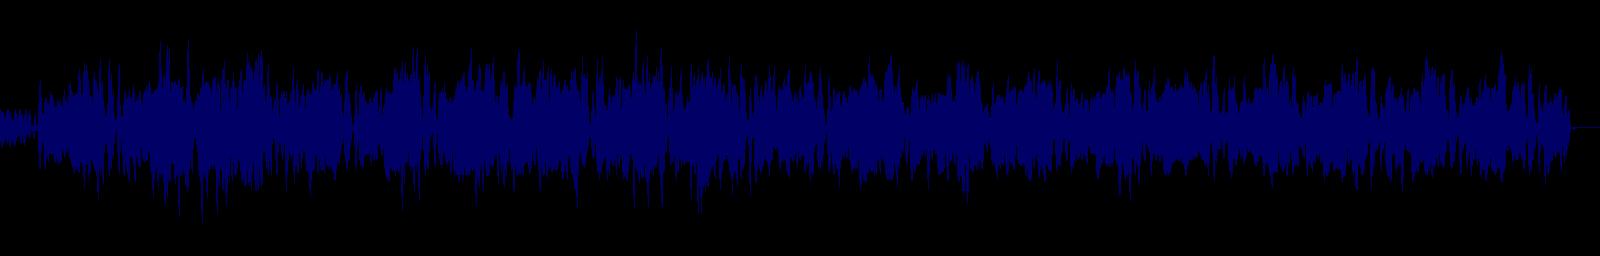 waveform of track #128763